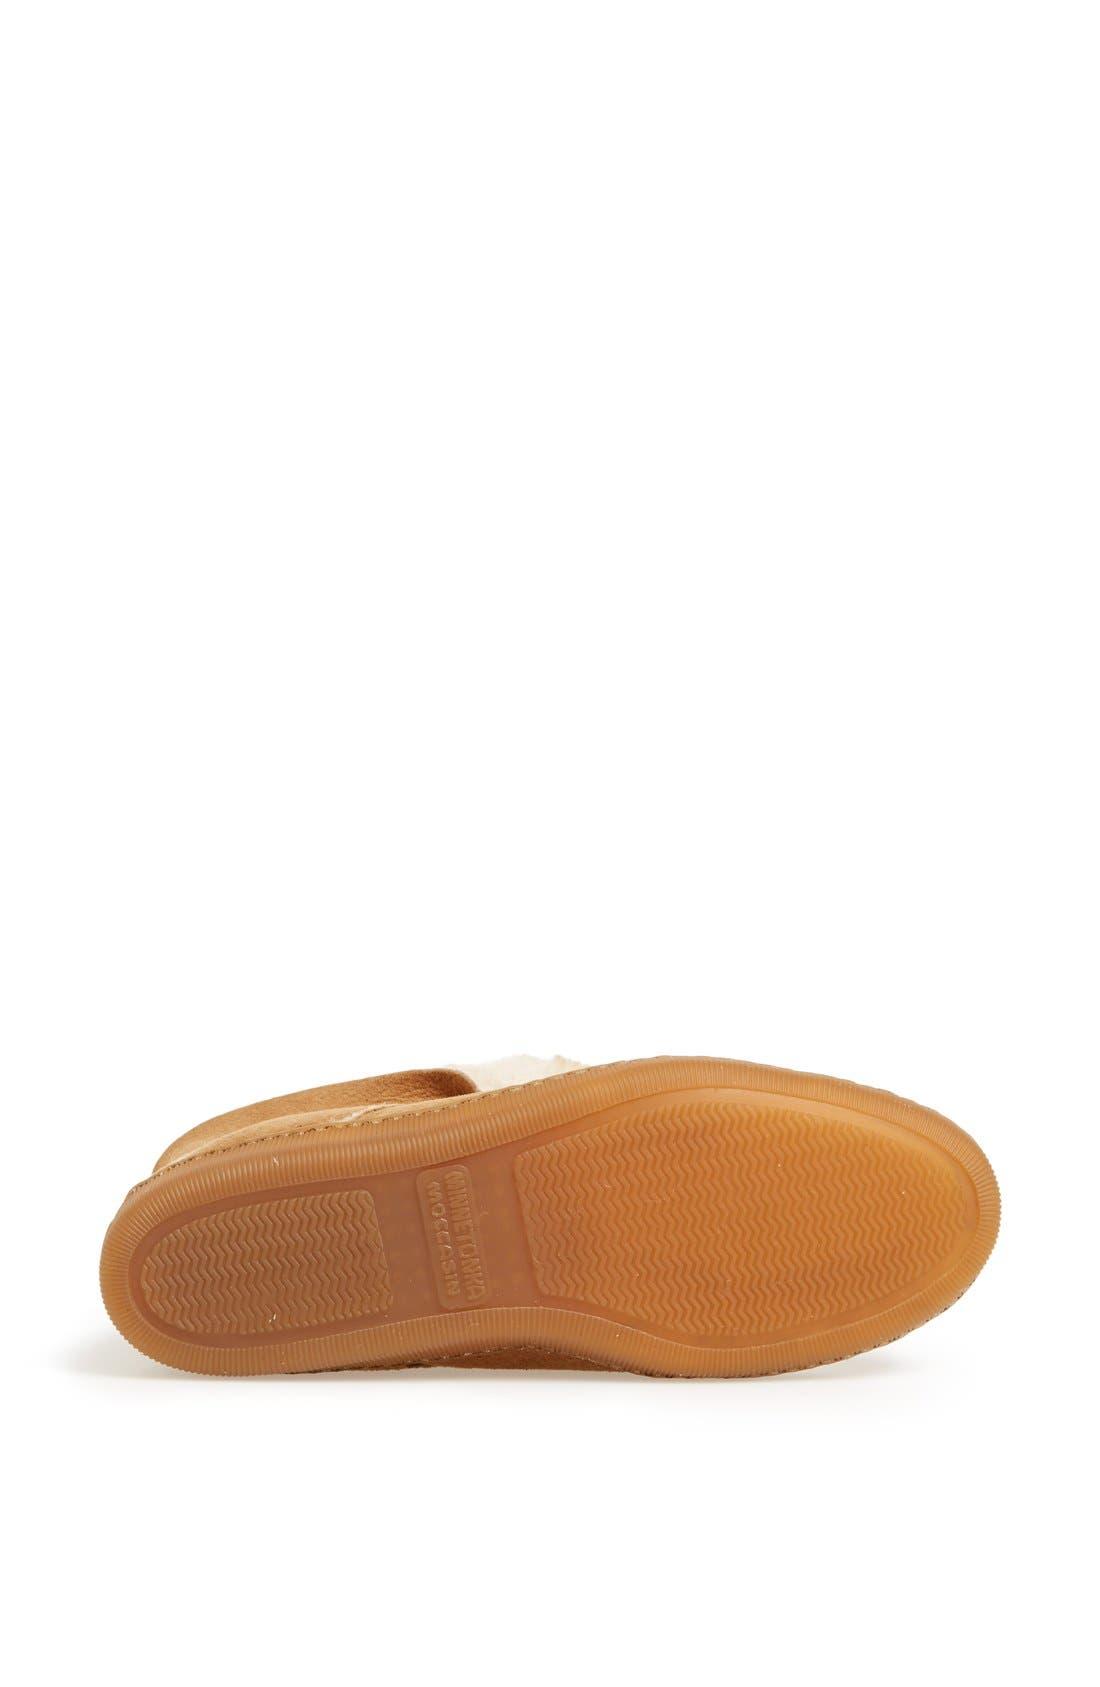 Alternate Image 4  - Minnetonka Sheepskin Slipper Boot (Women)